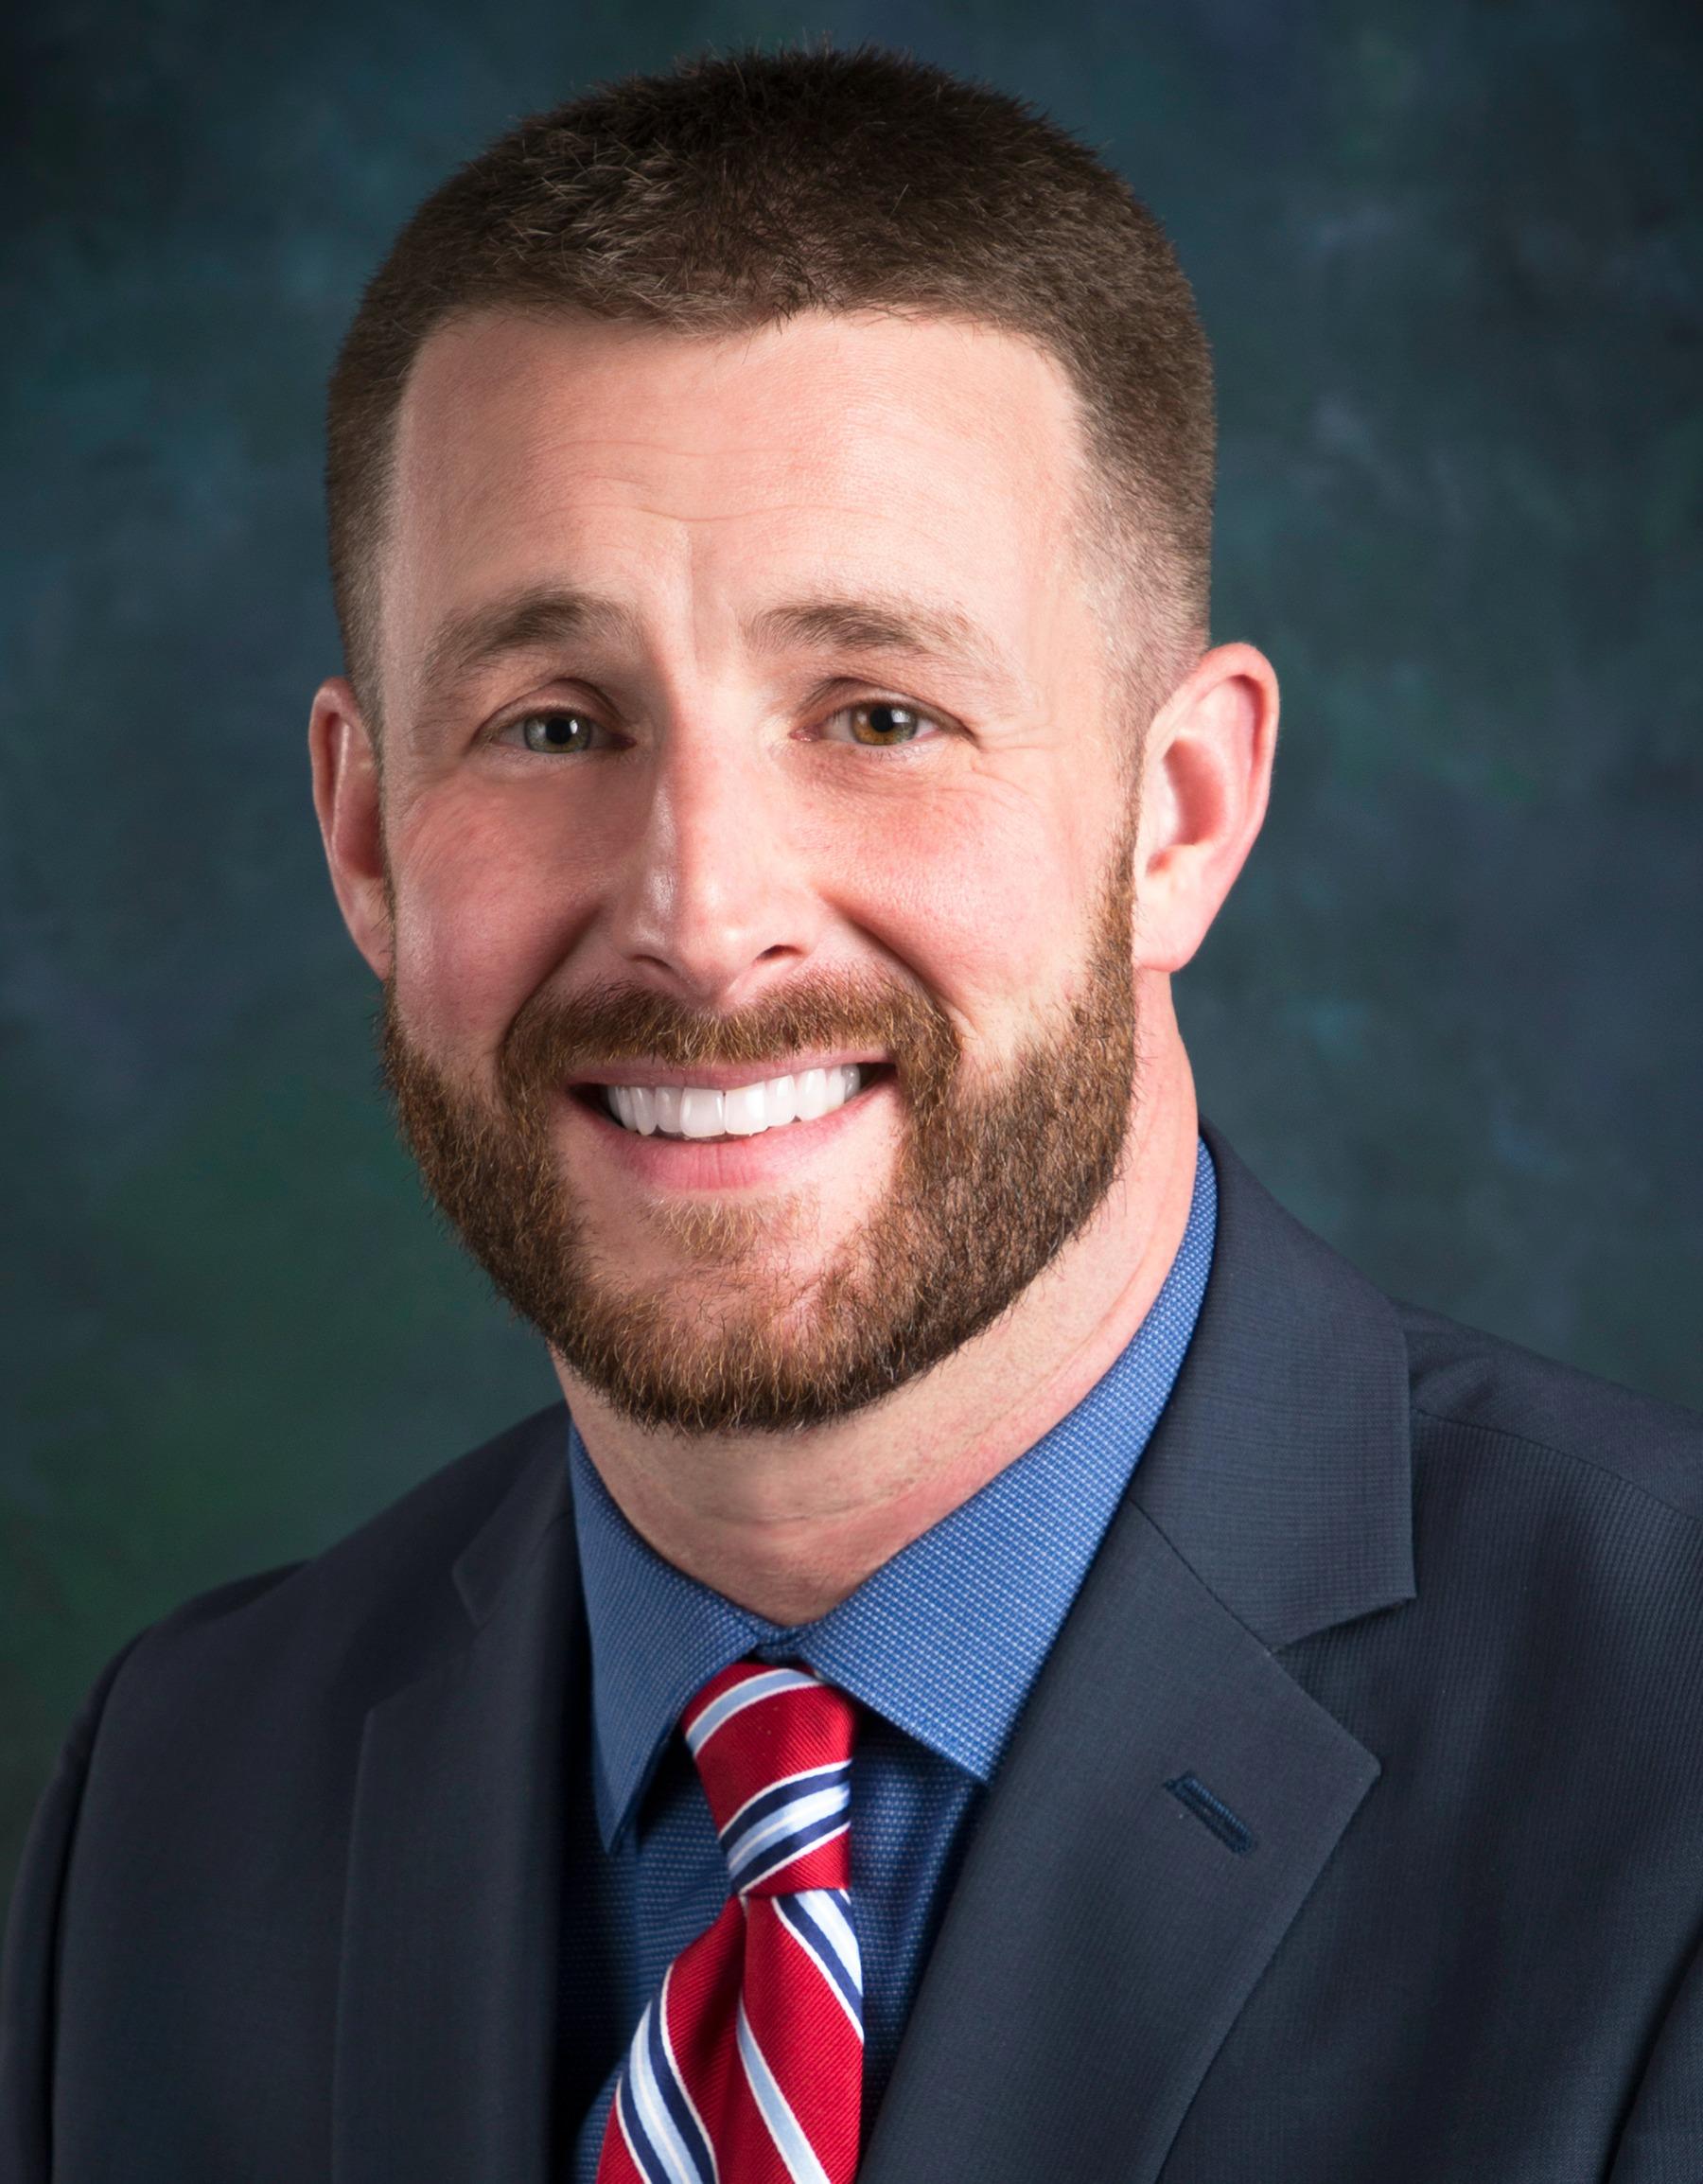 Andy Hackett, financial advisor Colorado Springs CO